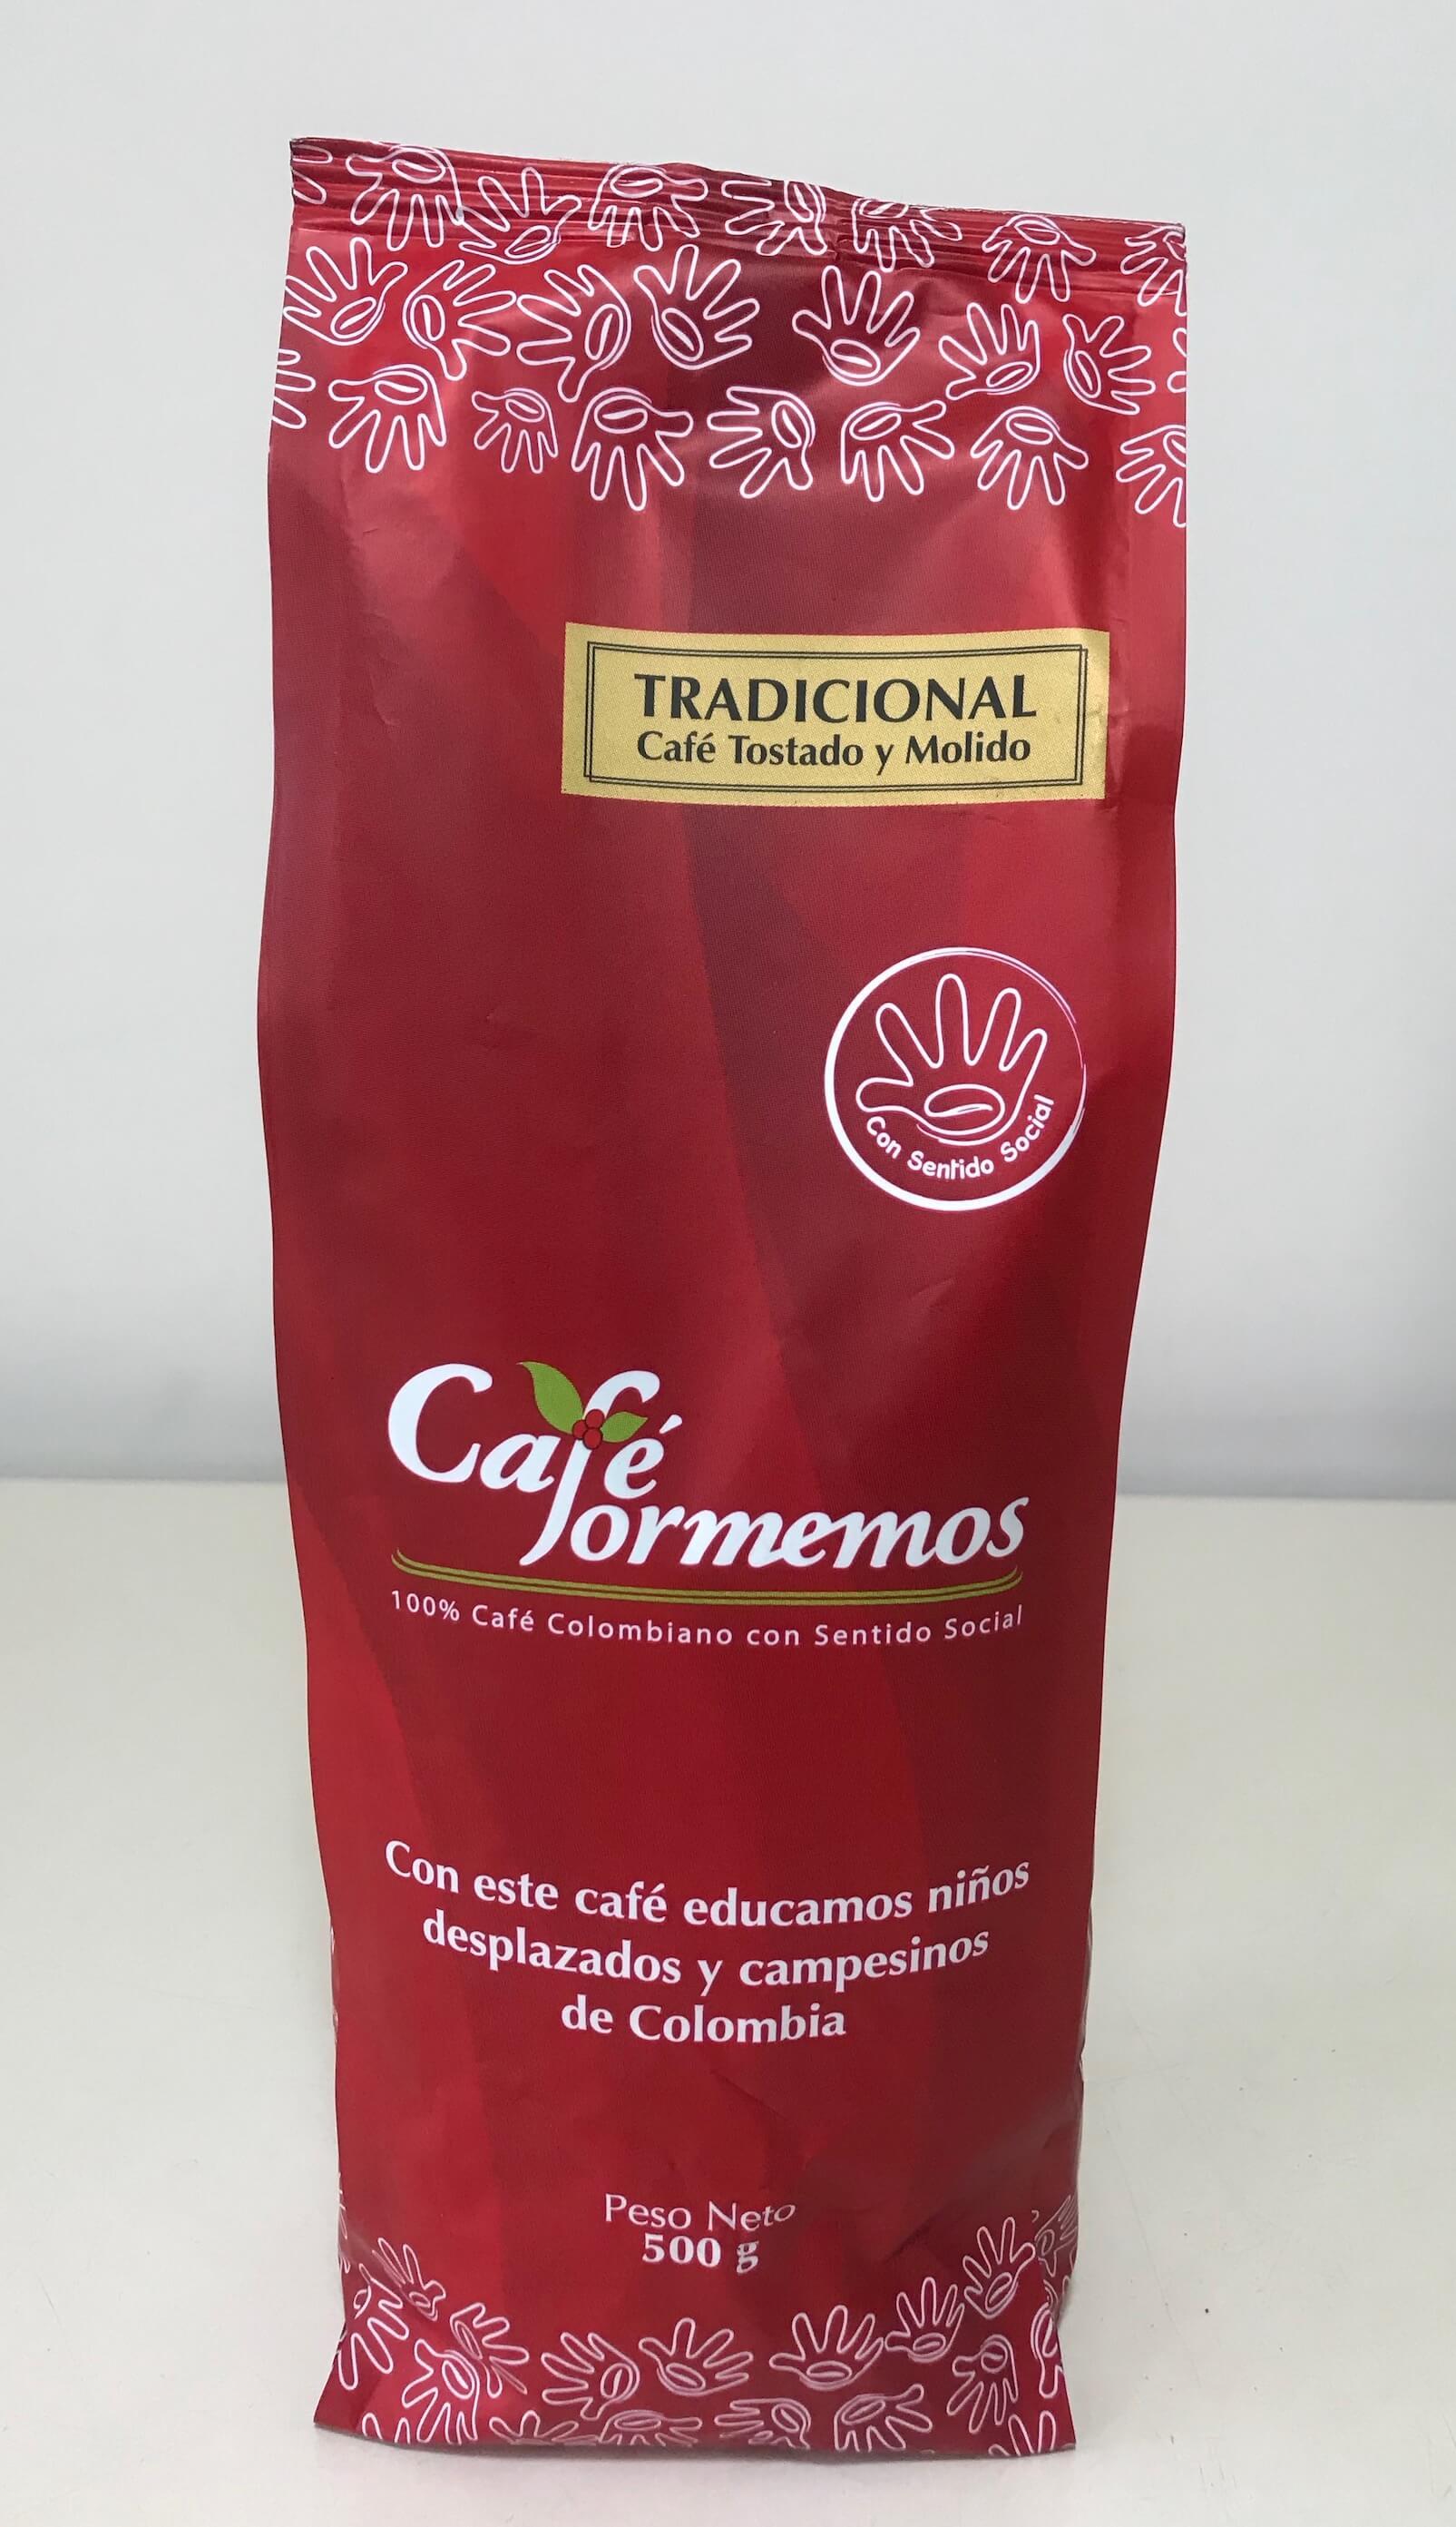 Café-Formemos-tradicional-Tostado-y-molido-x-500-gr.jpeg